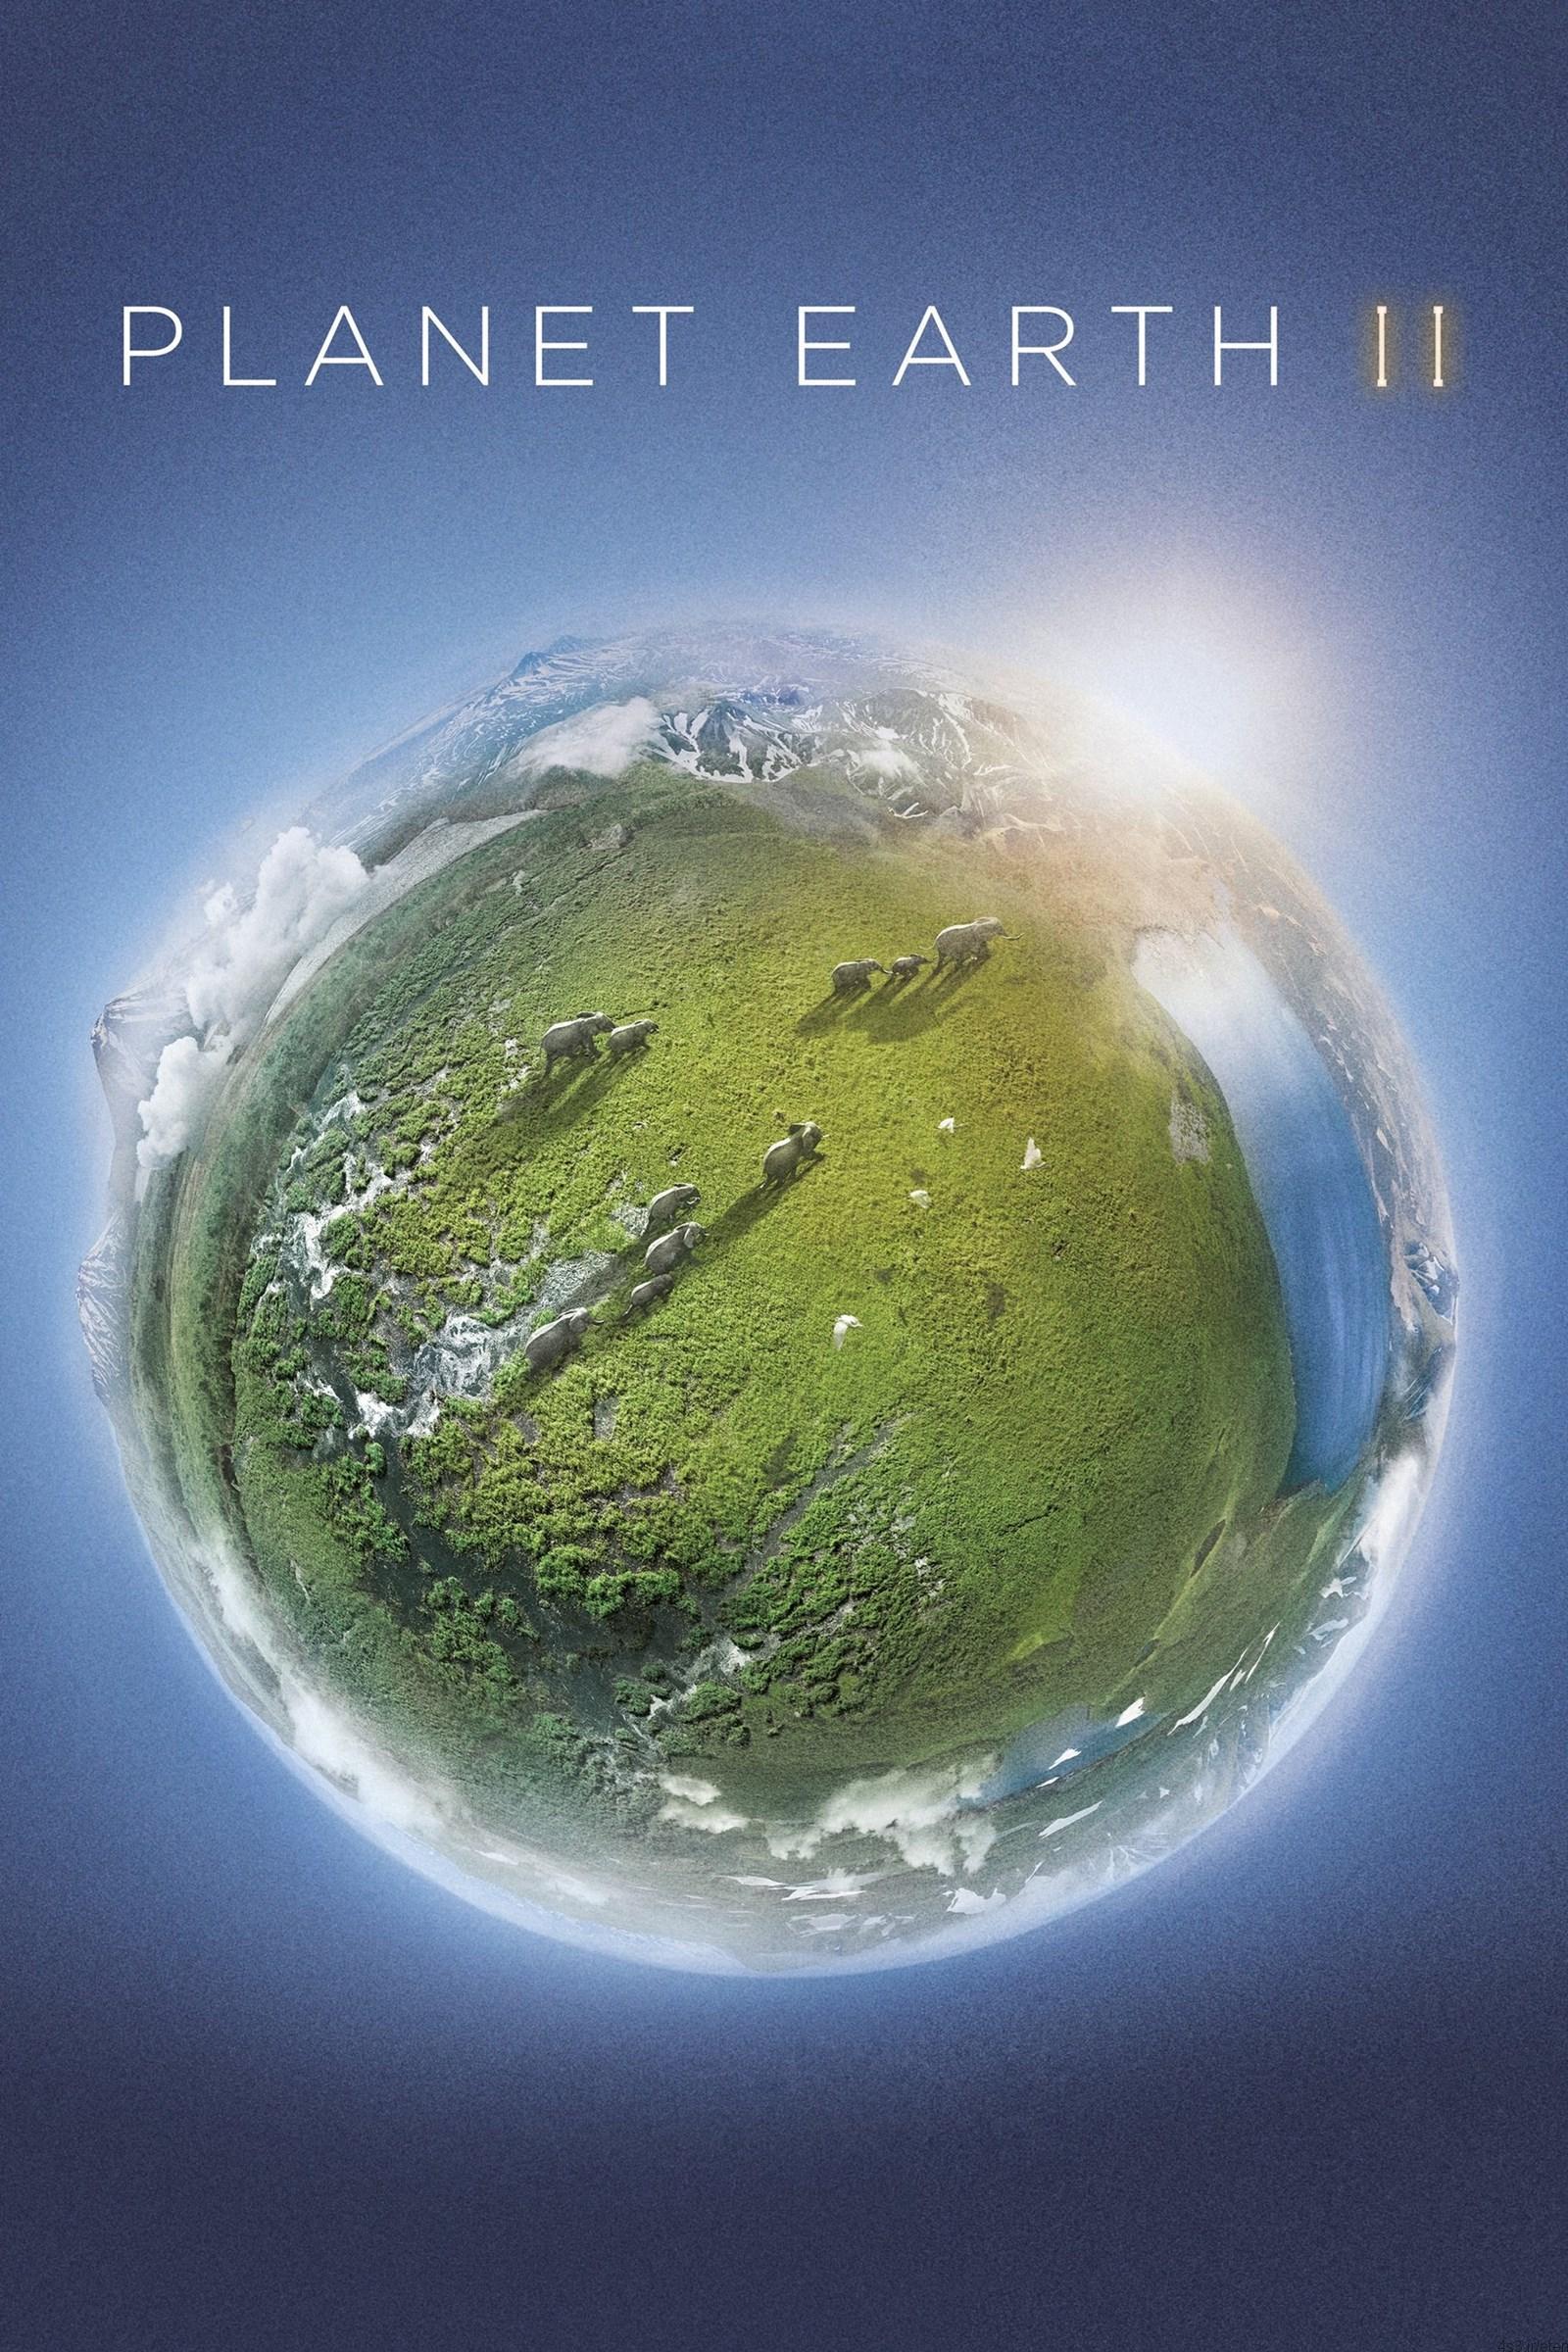 دانلود مستند سیاره زمین ۲ با دوبله فارسی